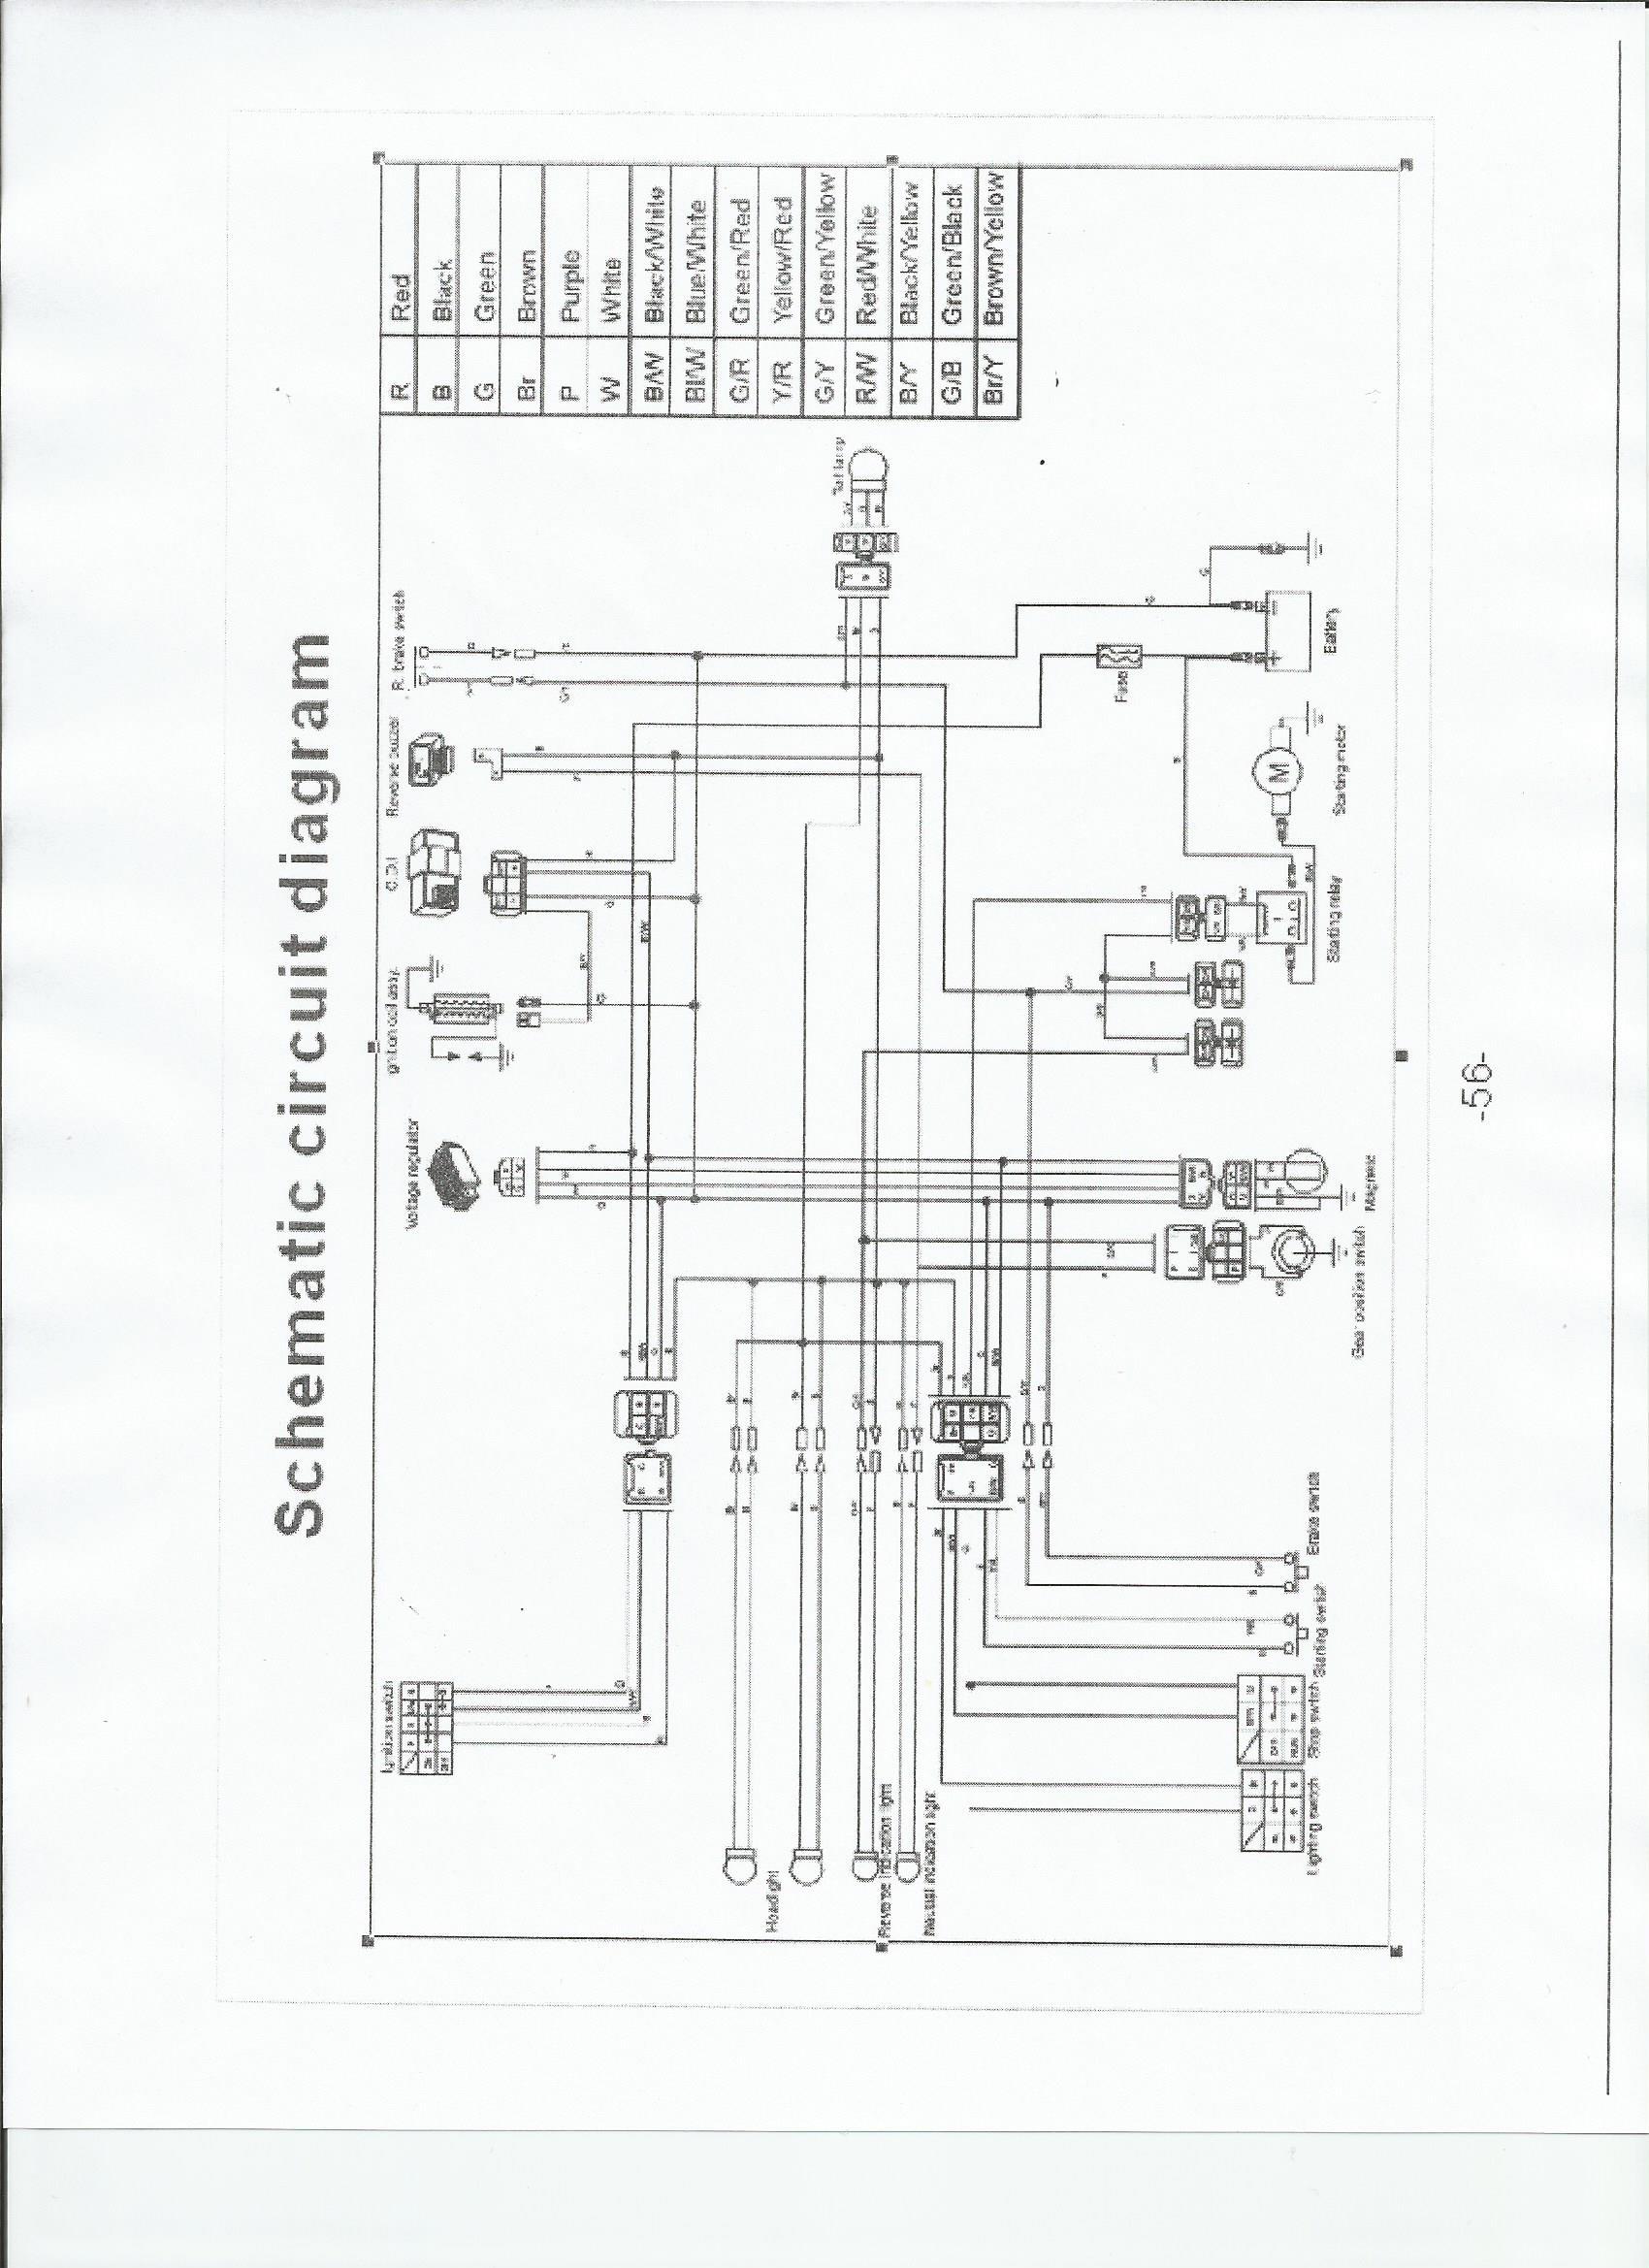 1999 Yamaha Banshee Wiring Diagram Complete Wiring Diagram